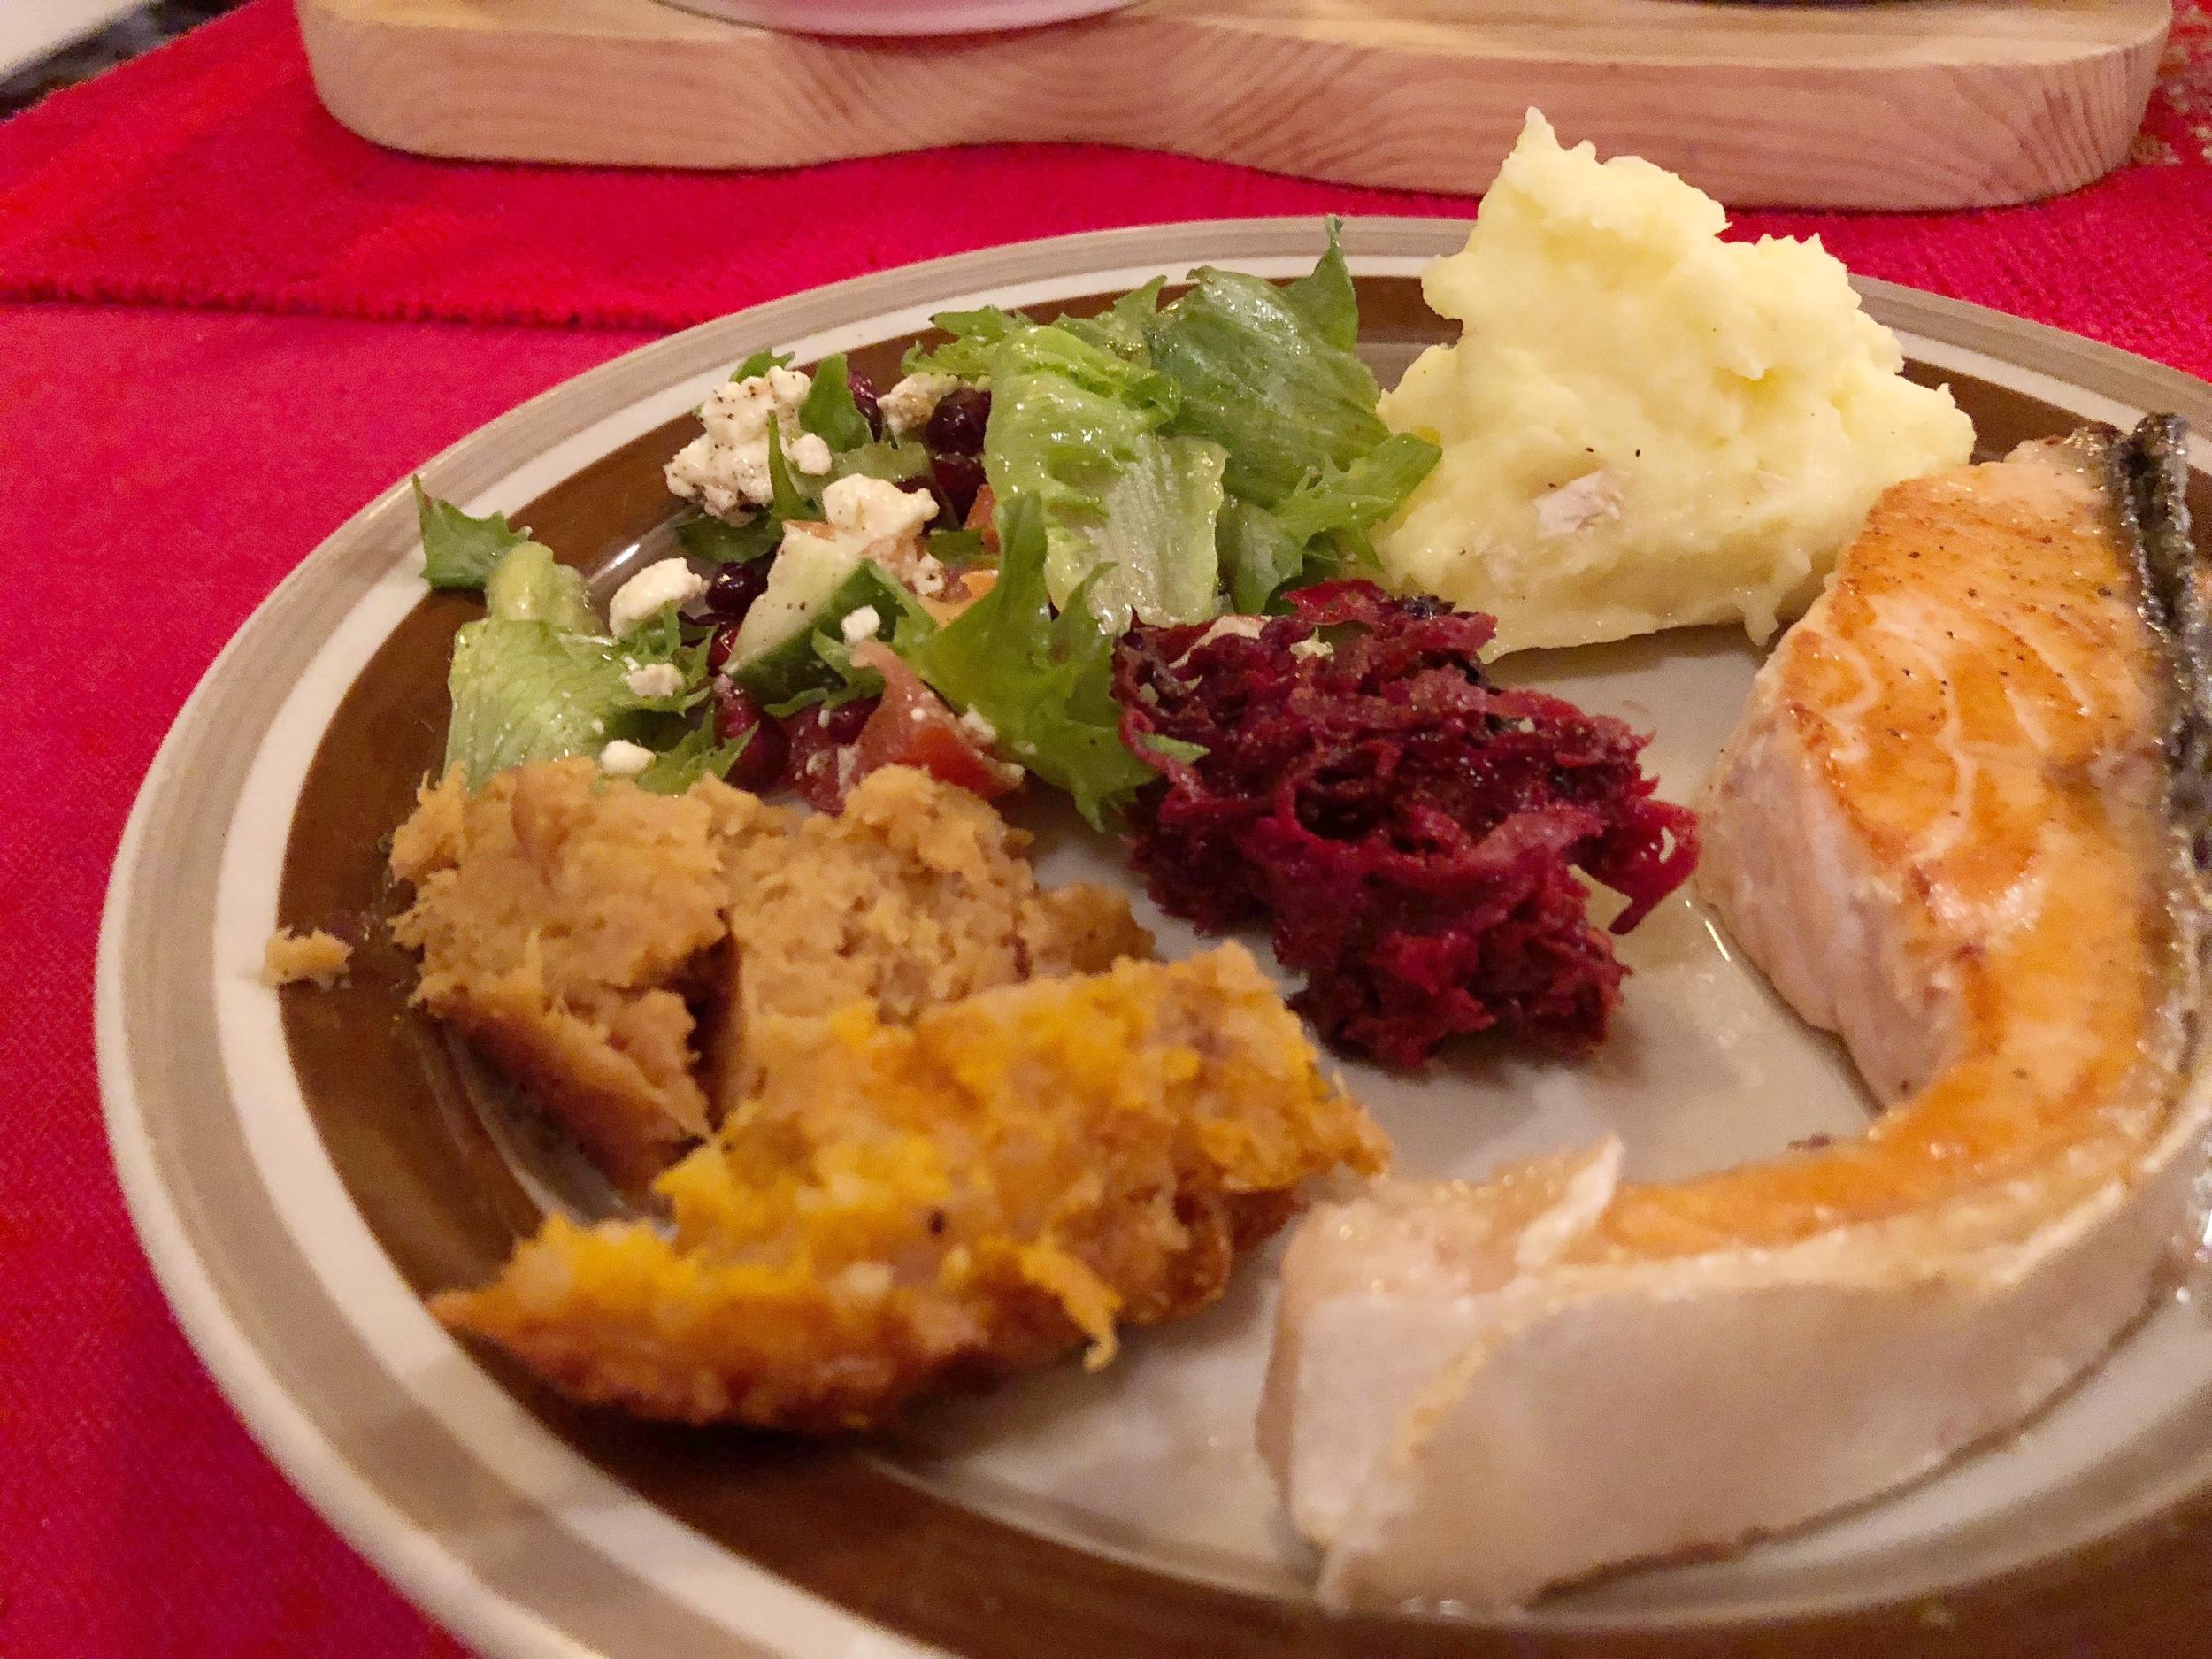 我曾经很担心芬兰(或北欧)食物会没什么味道,或不知会是什么味道。要知道,旅行已经无法吃上习惯的口味,即便将就些,还是会感到缺了些什么。没想到,芬兰的食物完全安抚了我的担心!    #当然,也因为 Paula 对烹调有一手!